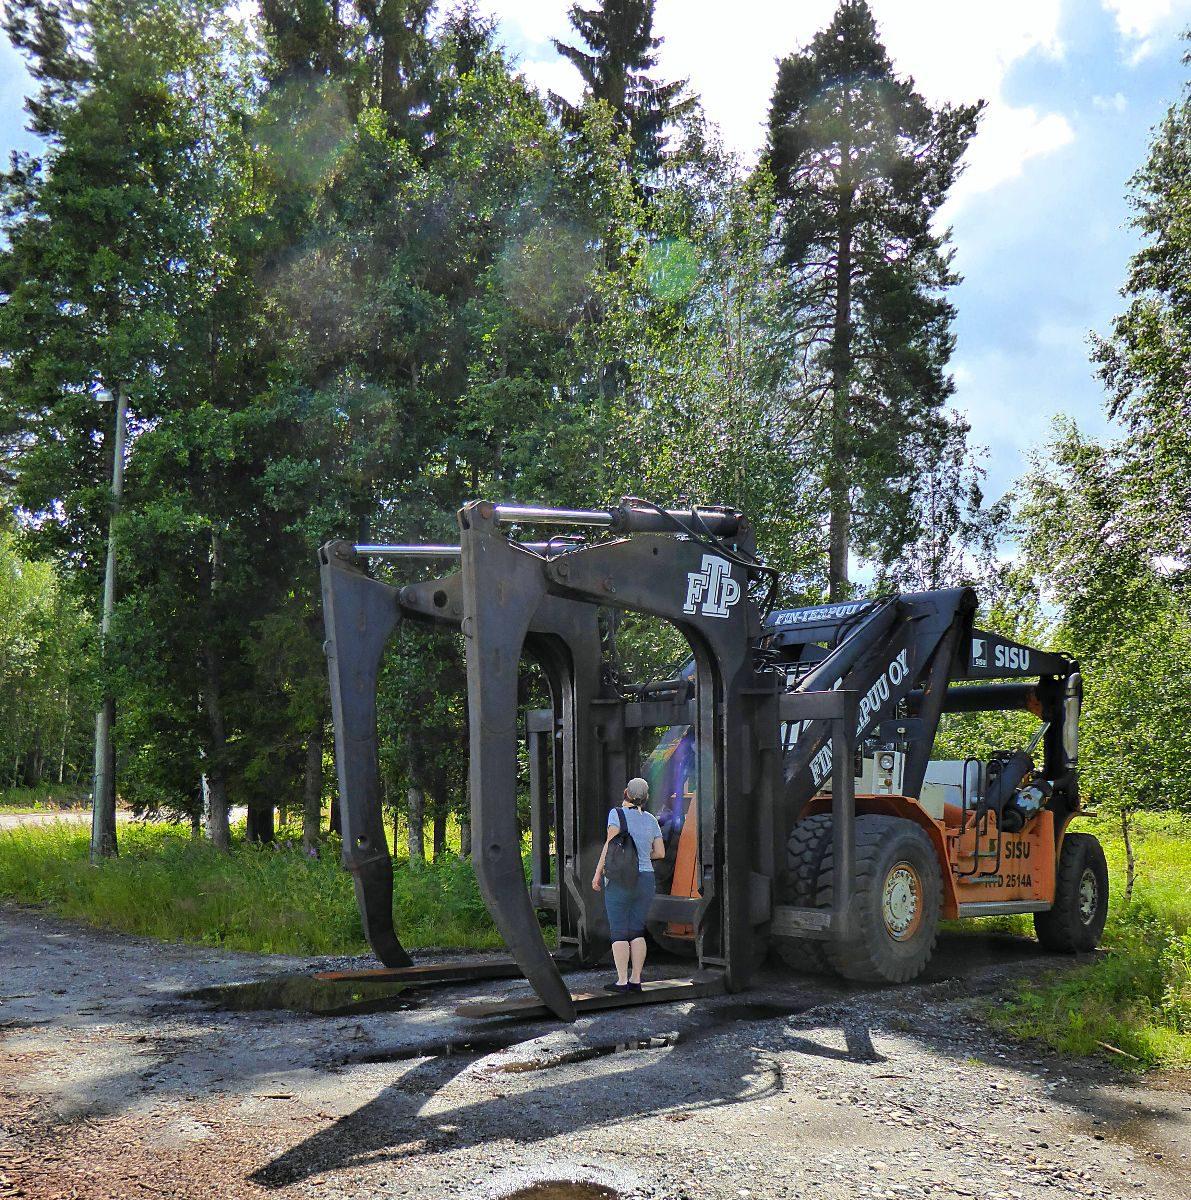 Ein Stapler um einen ganzen Trailer mit Baumstämmen auf einmal zu entladen